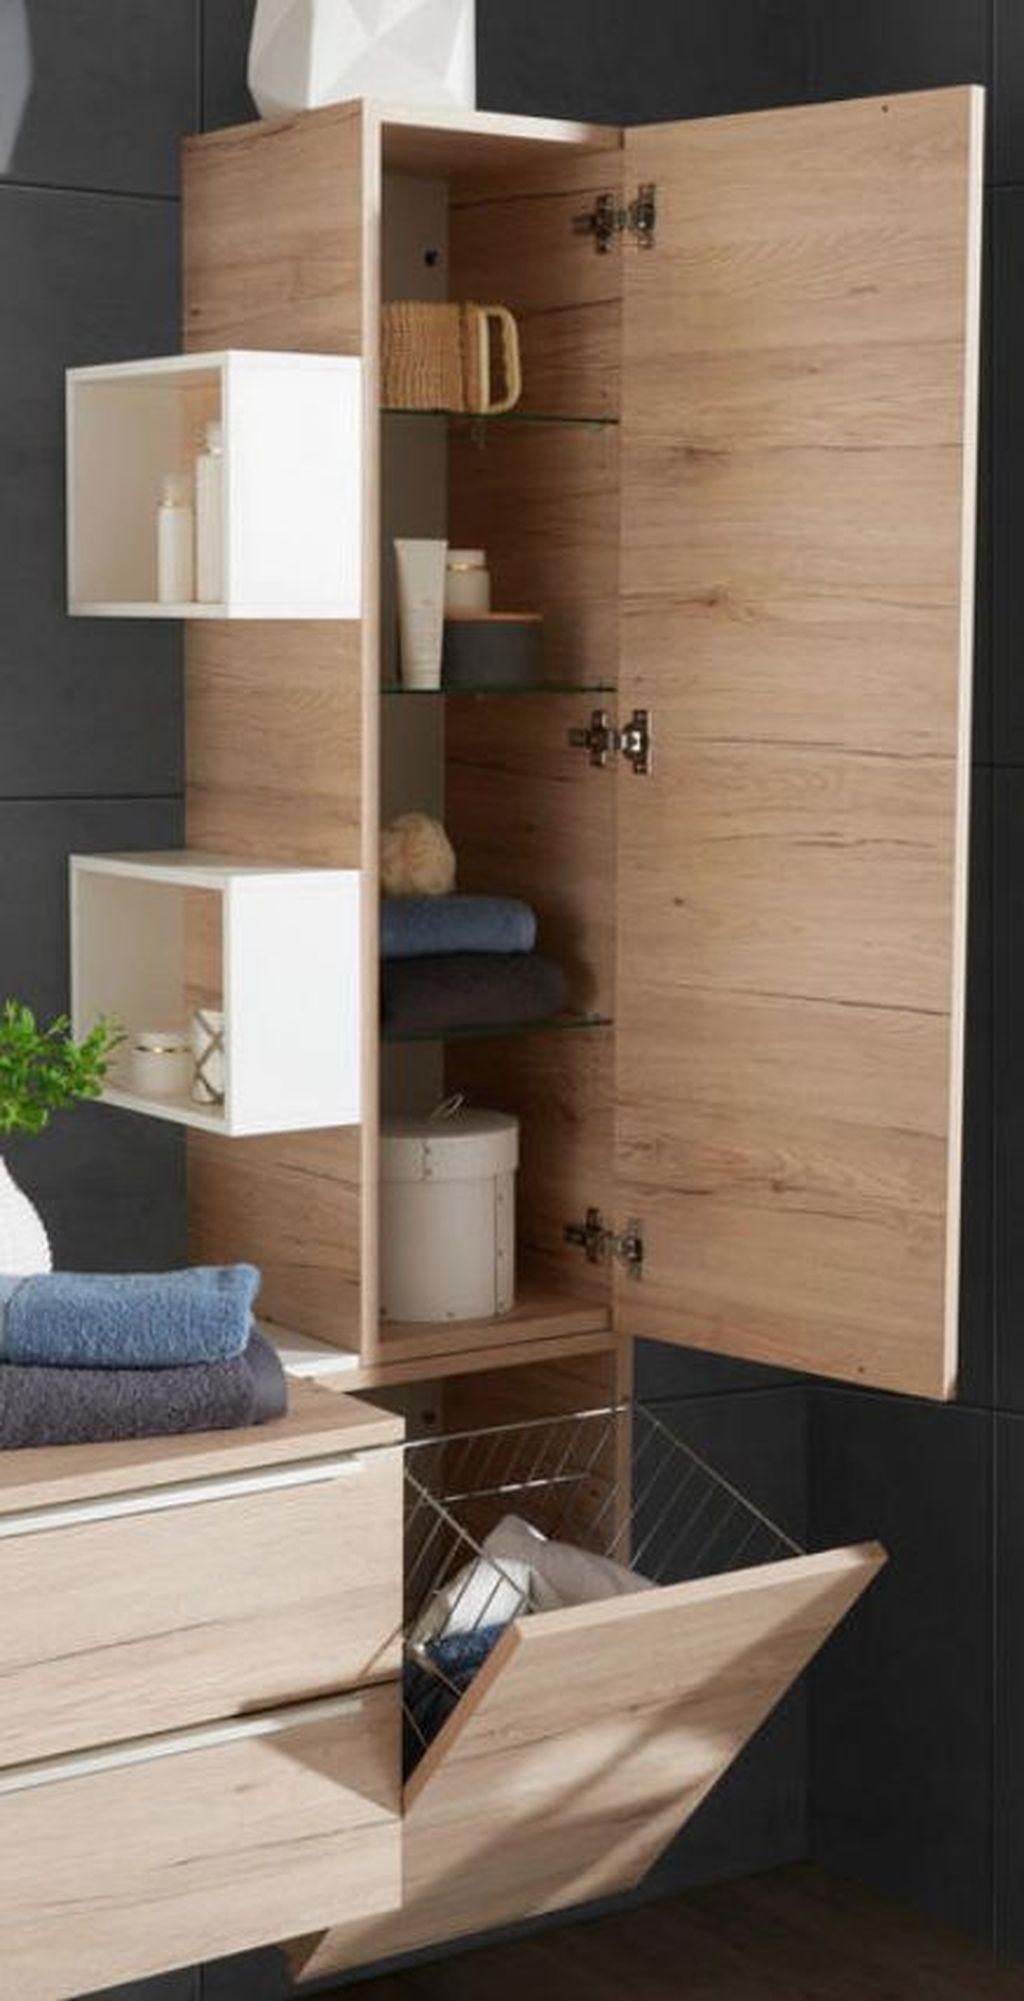 40 Adorable Wooden Bathroom Design Ideas For You Bathroom Furniture Modern Wooden Bathroom Bathroom Furniture Bathroom furniture design ideas